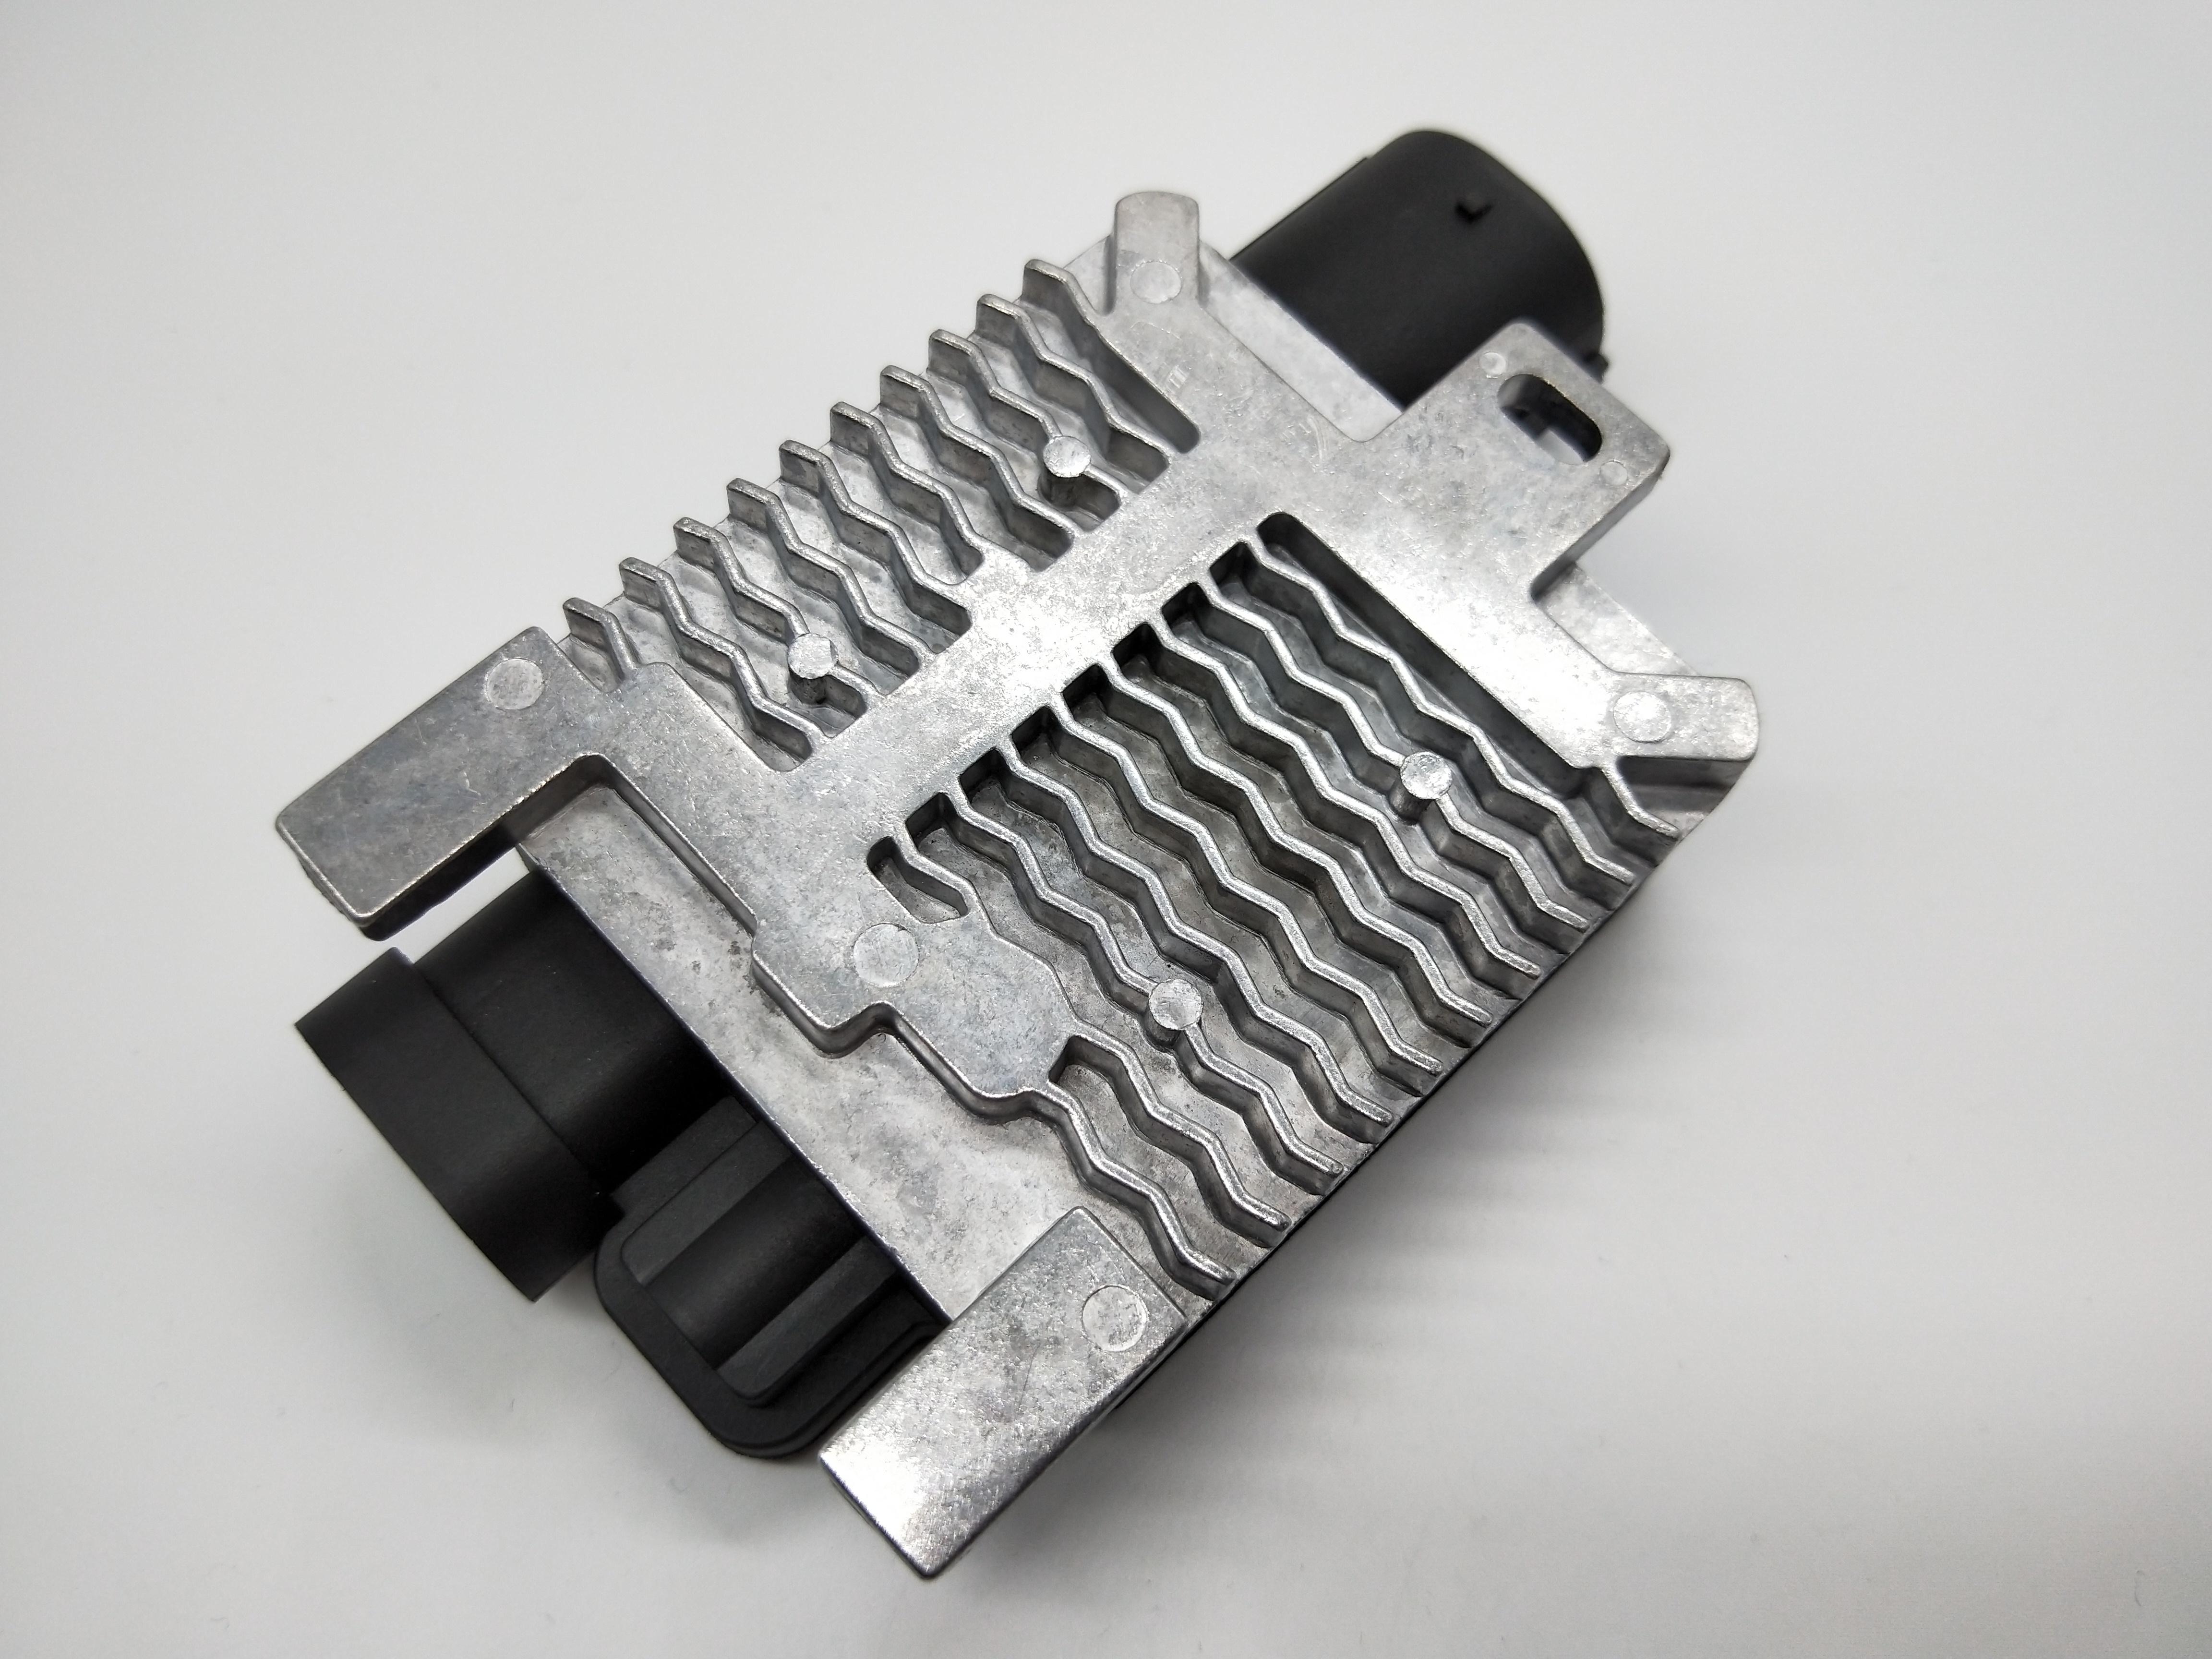 厂家直销 适用于福特 鼓风机电阻 940002904 6W1Z8B658AC 6W1Z-8B658-AC